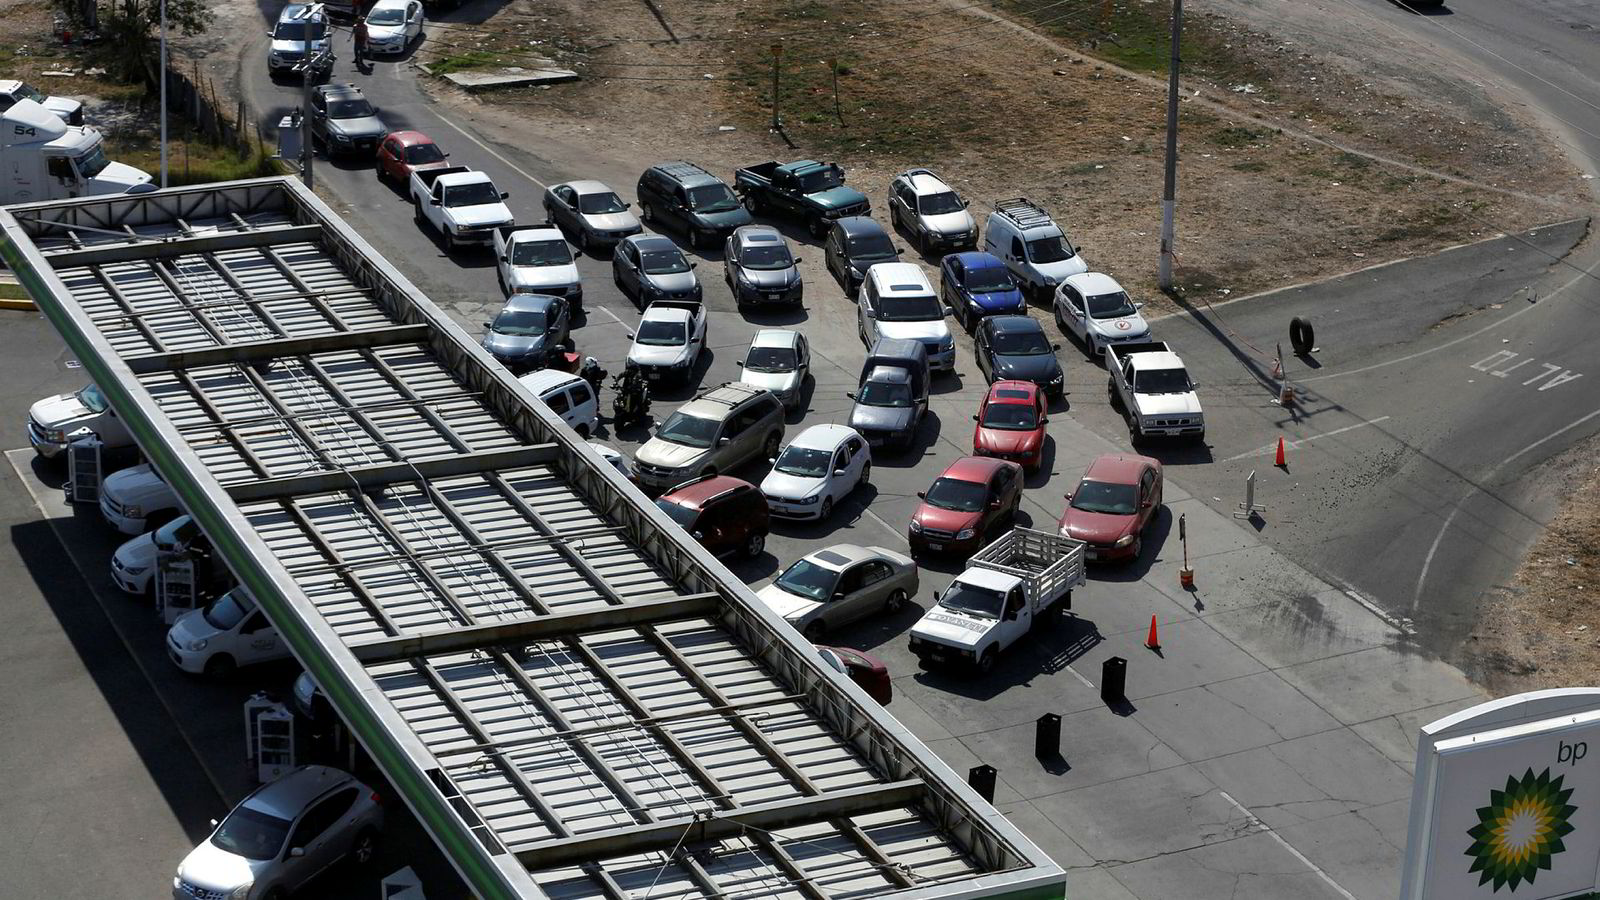 Mexico har økt overvåkingen av oljerørledninger. Det har ført til mangel på drivstoff og lange køer på bensinstasjoner. Som her i Guadalajara torsdag denne uken.